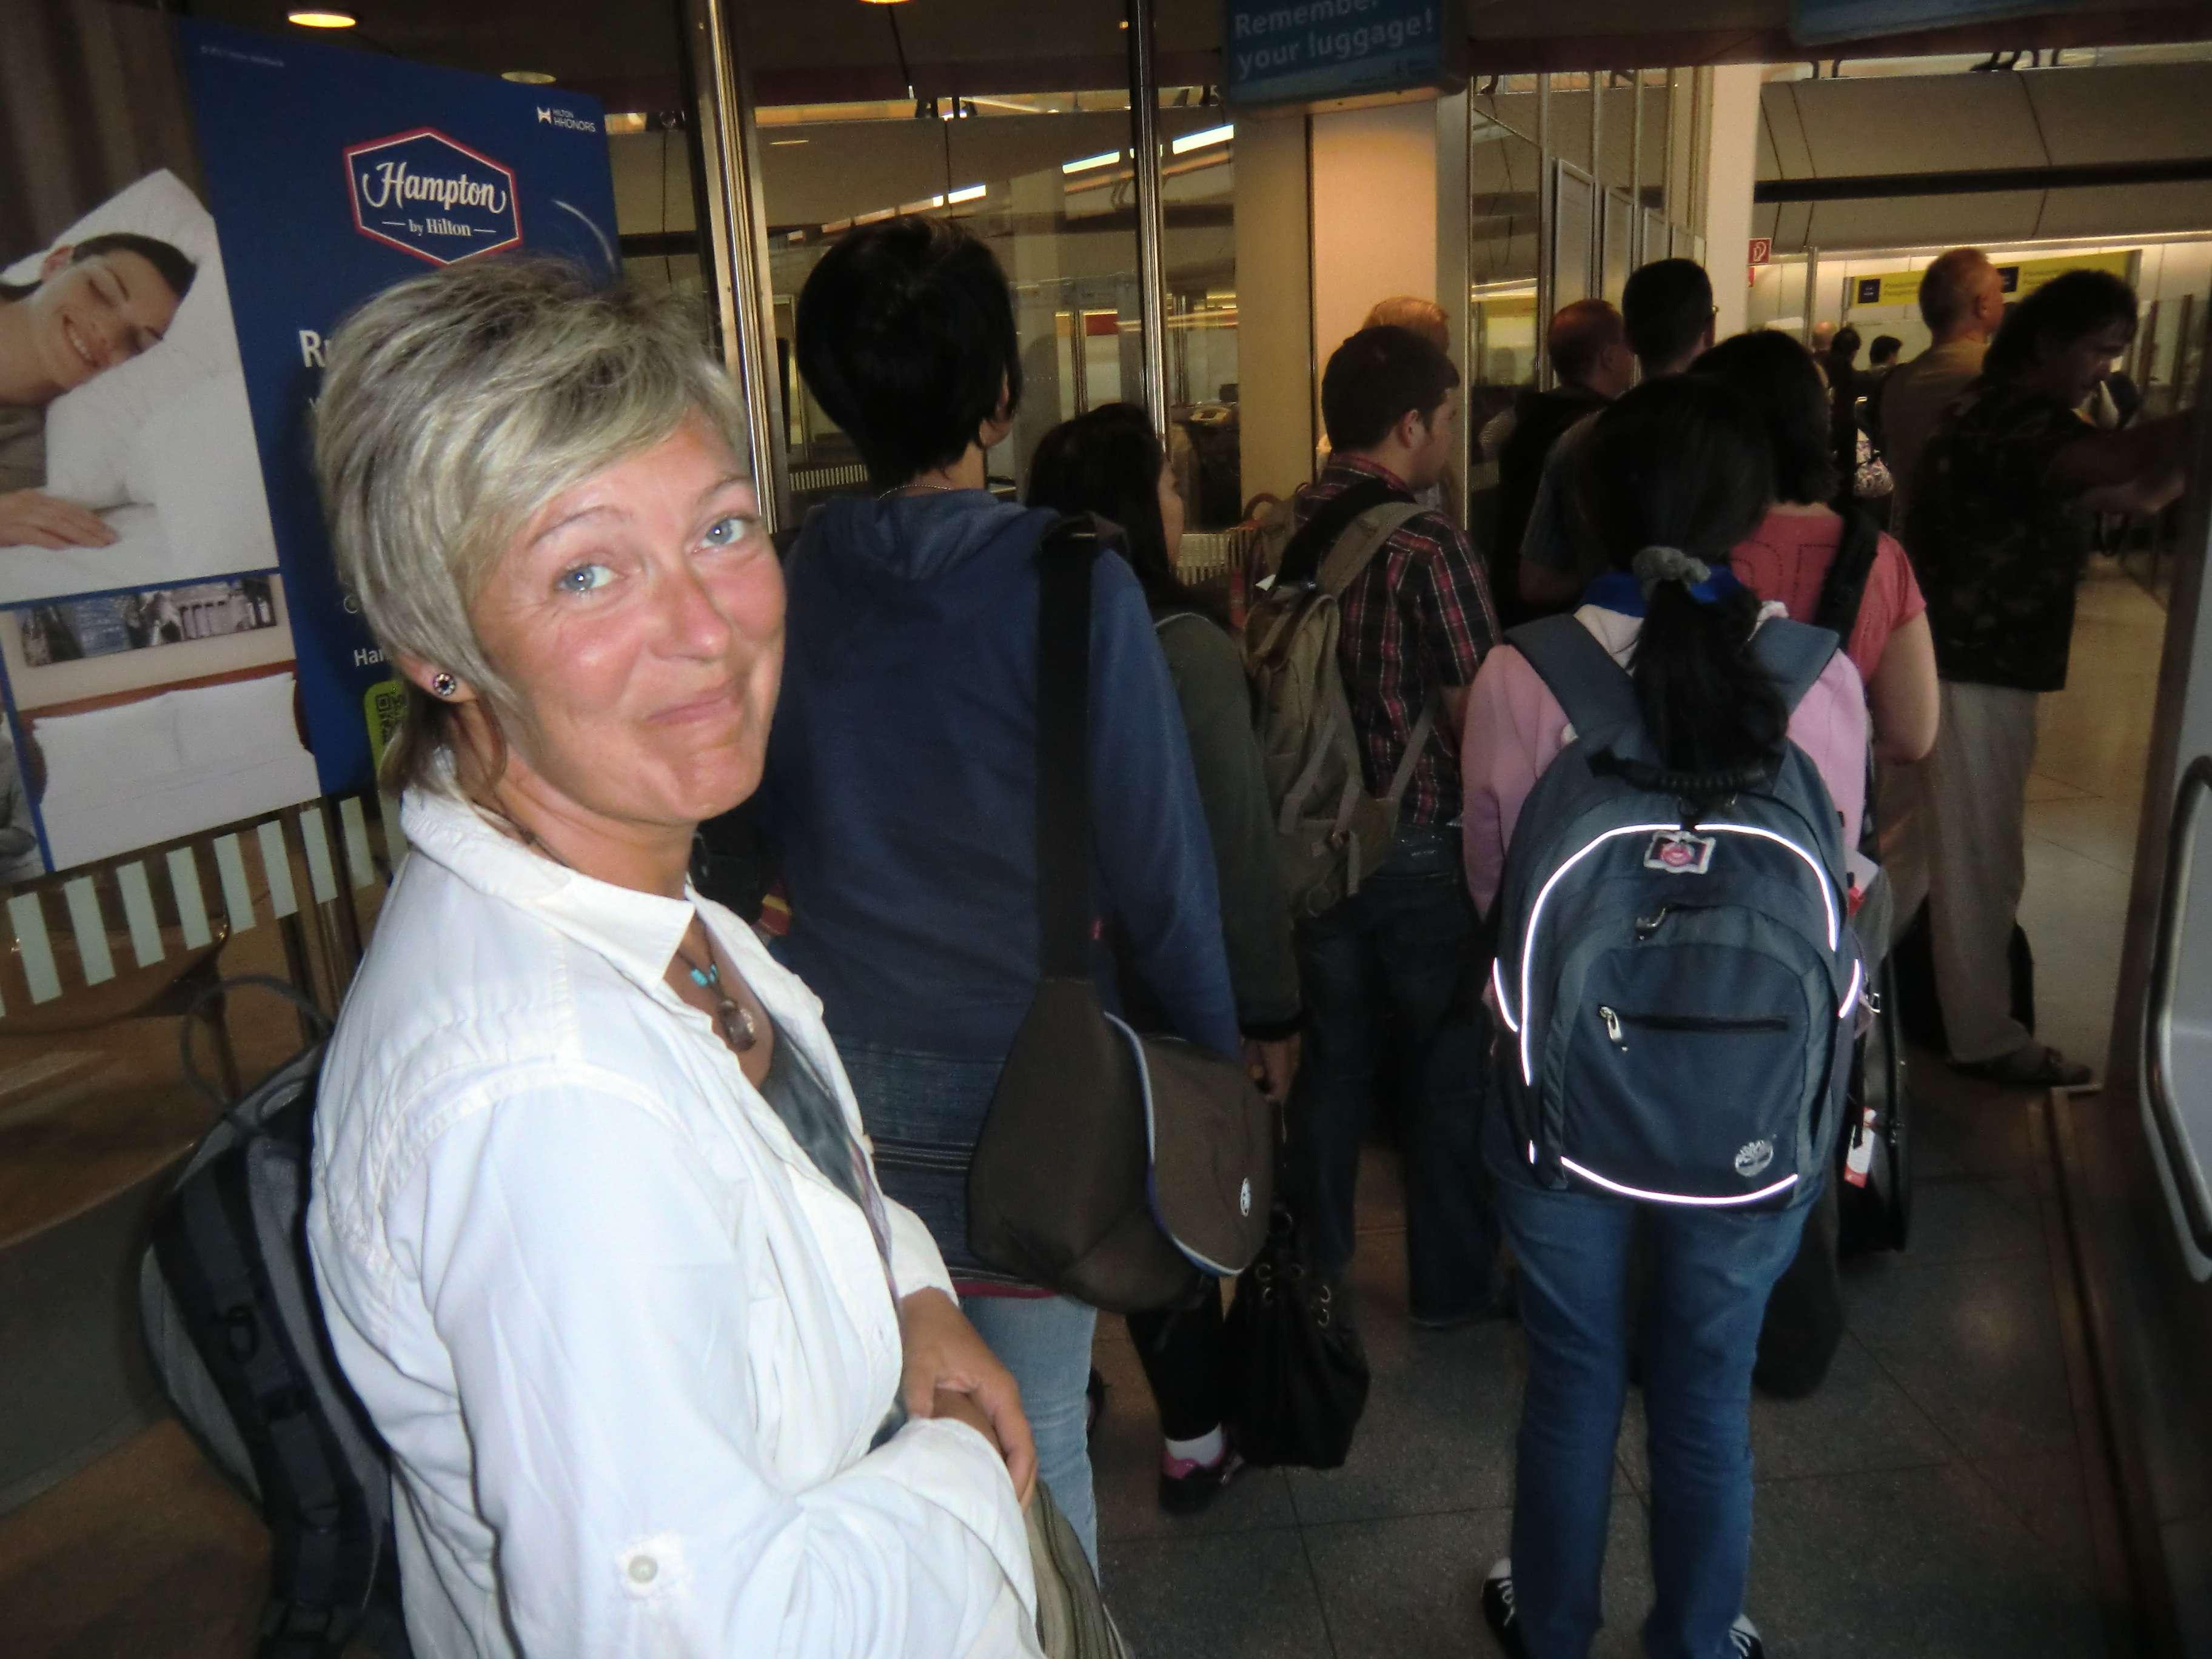 warten an der Passkontrolle...hoffentlich lassen die uns nicht rein und schieben uns ab nach Thailand !! ;-)